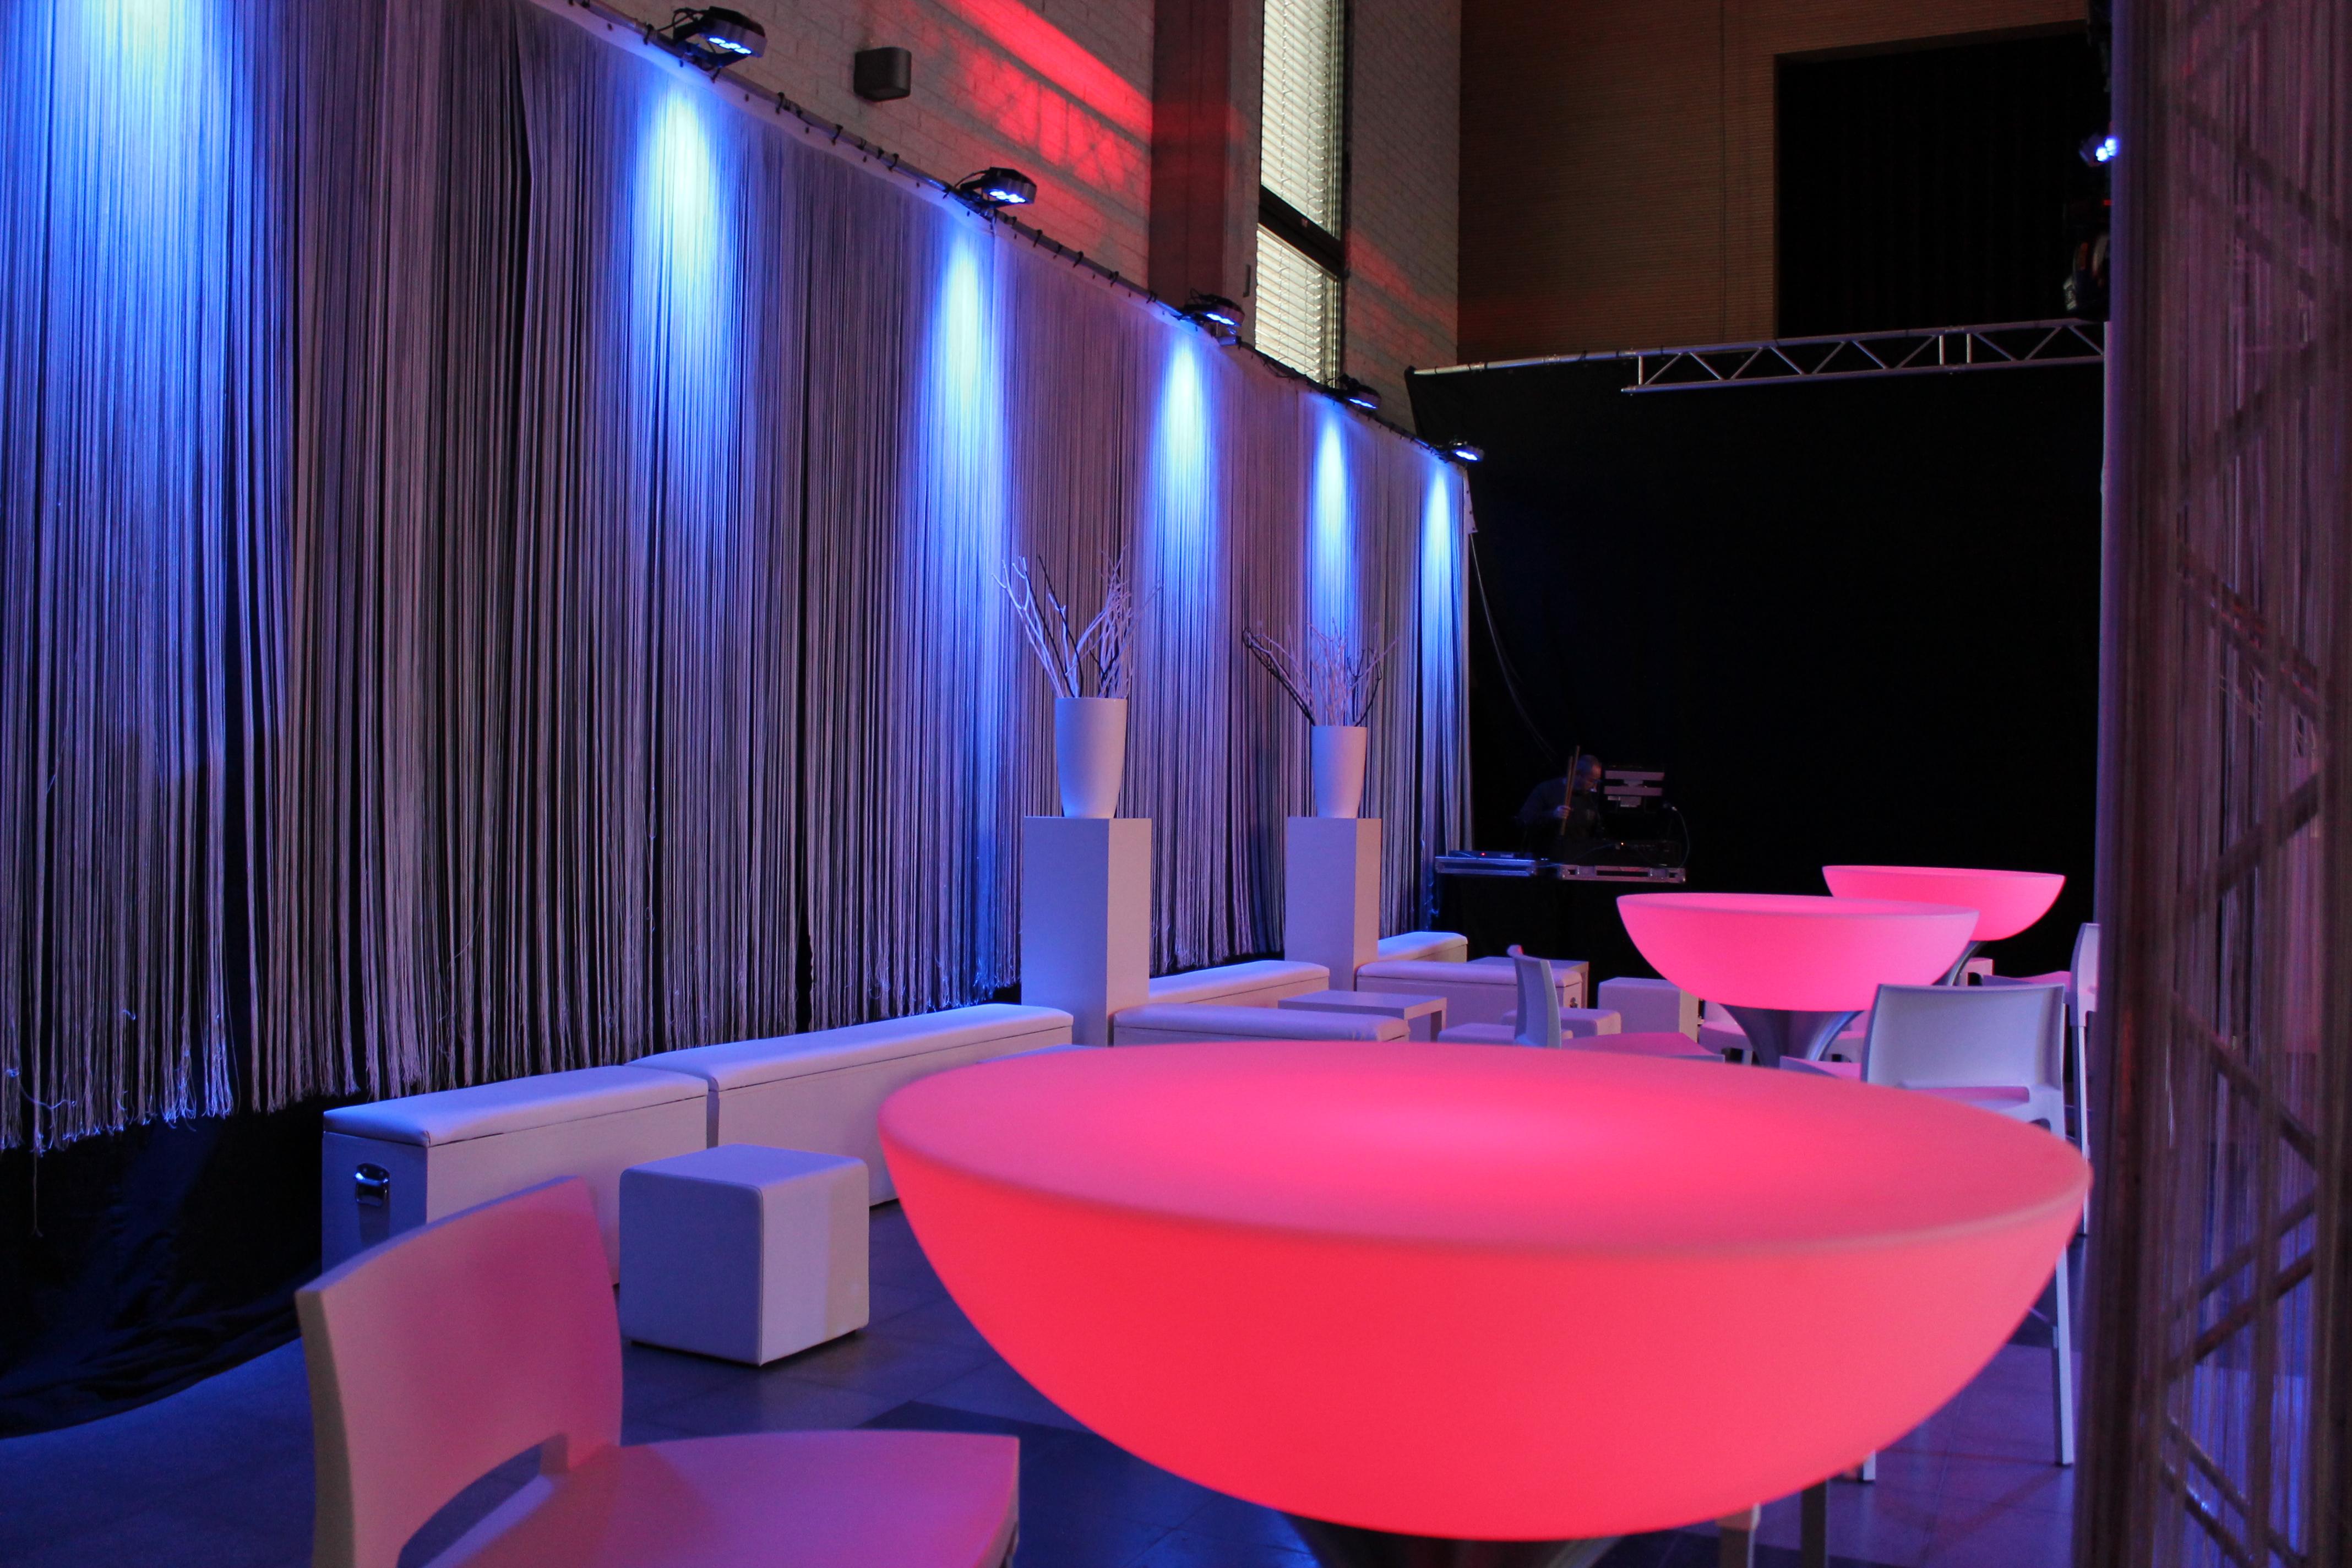 Verhuur van trendy lounge meubilair & decoratiematerialen